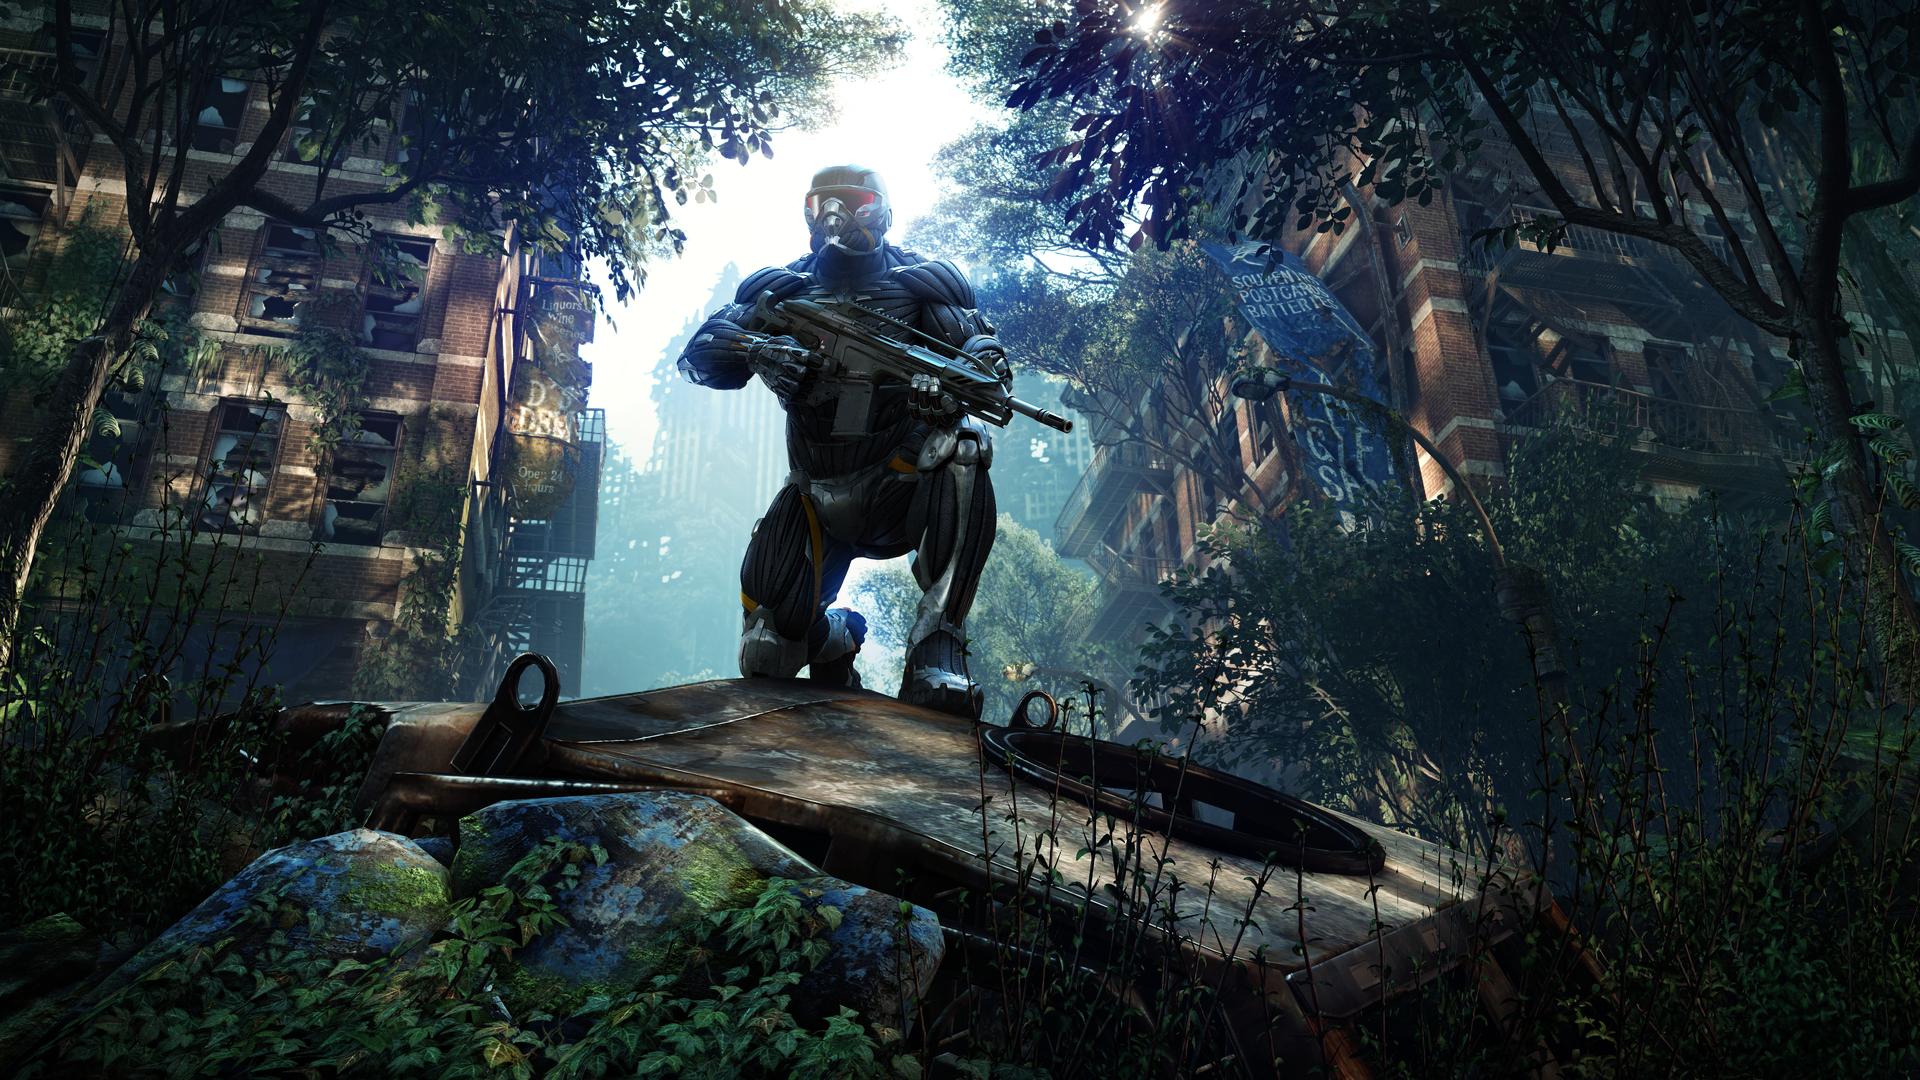 [Tópico Oficial] CRYSIS 3, veja agora o tenso TRAILER do jogo que sai em 2013 Crysis3screenshotpropapj66